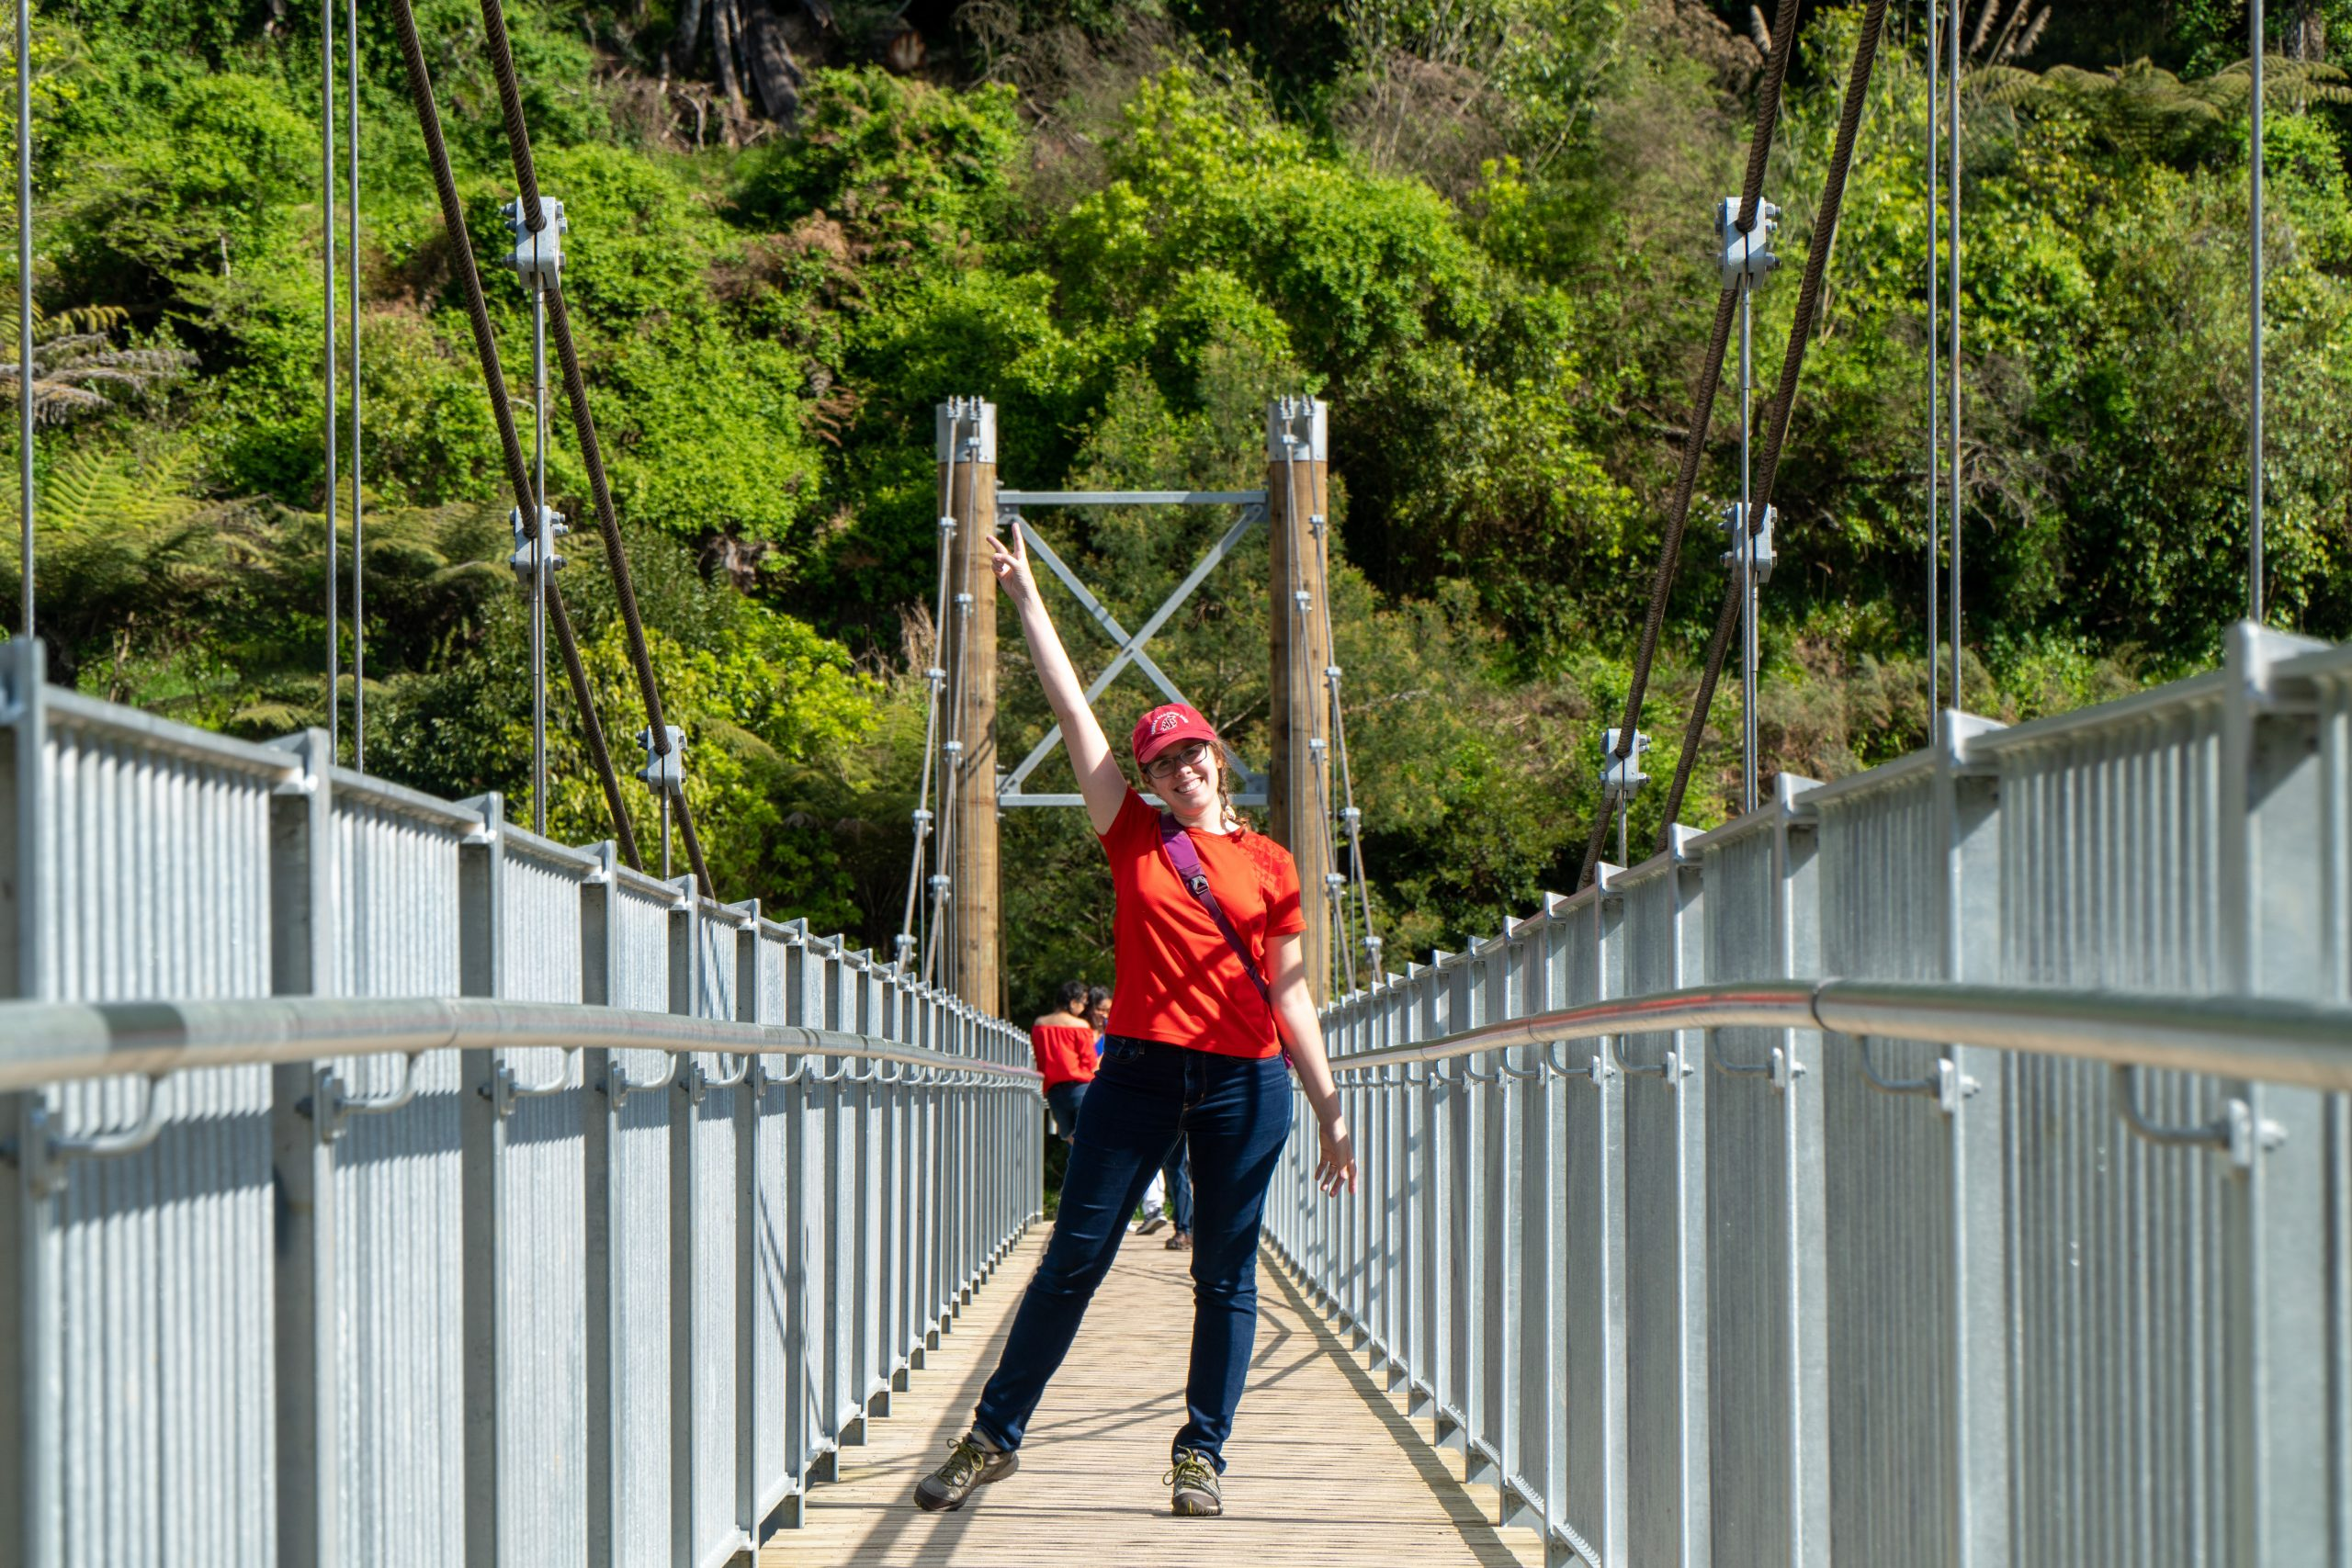 Woman standing on suspension bridge in New Zealand.